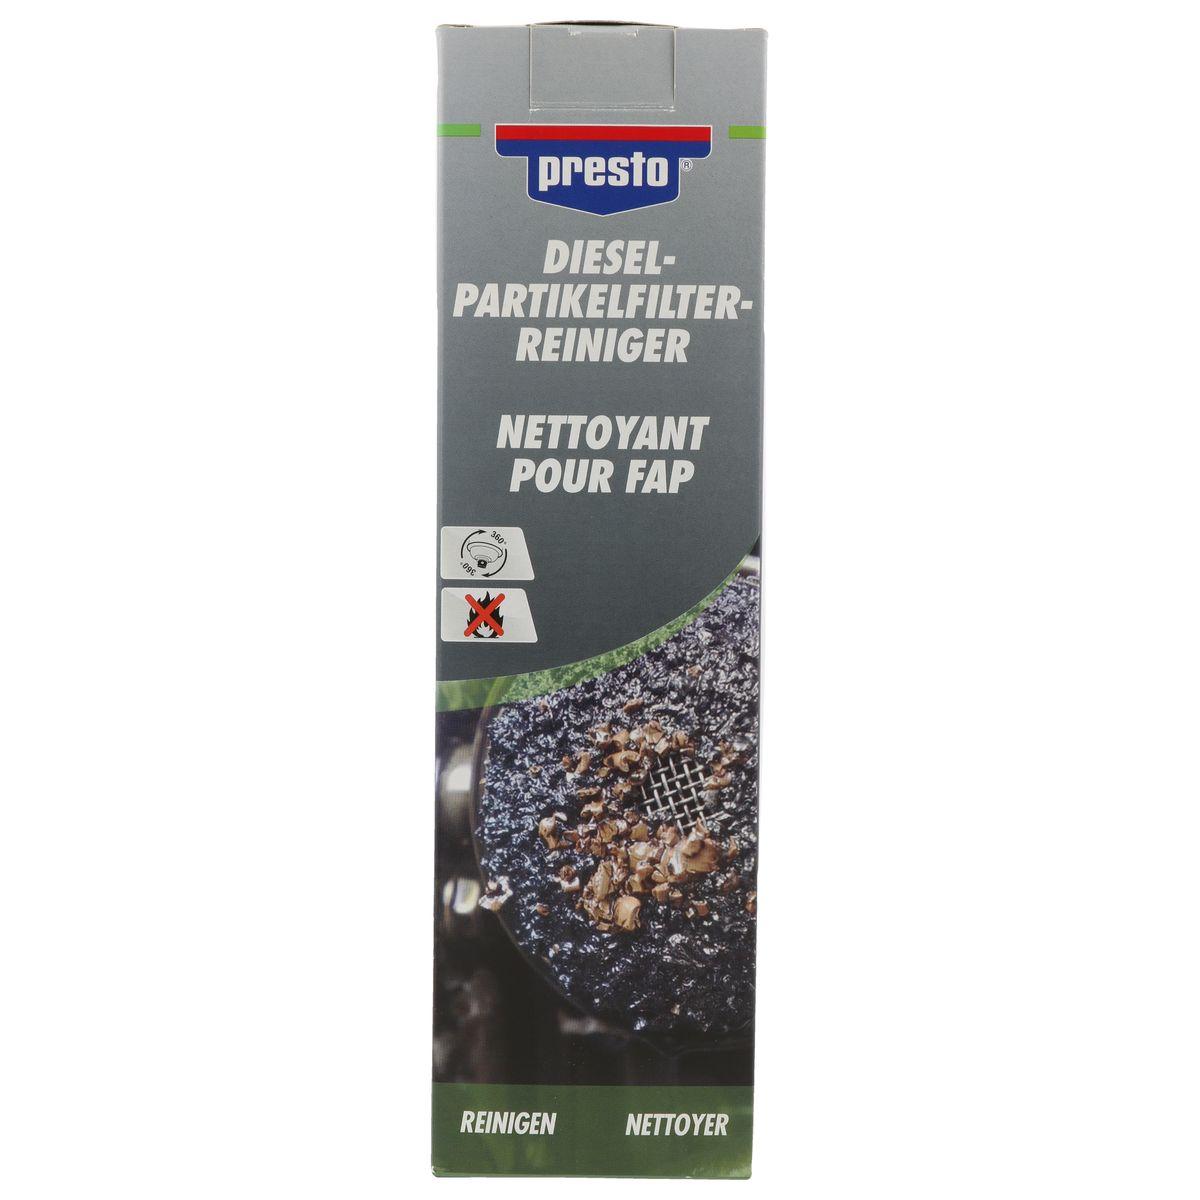 416613 Oczyszczanie filtra sadzy / cząstek stałych PRESTO - Tanie towary firmowe